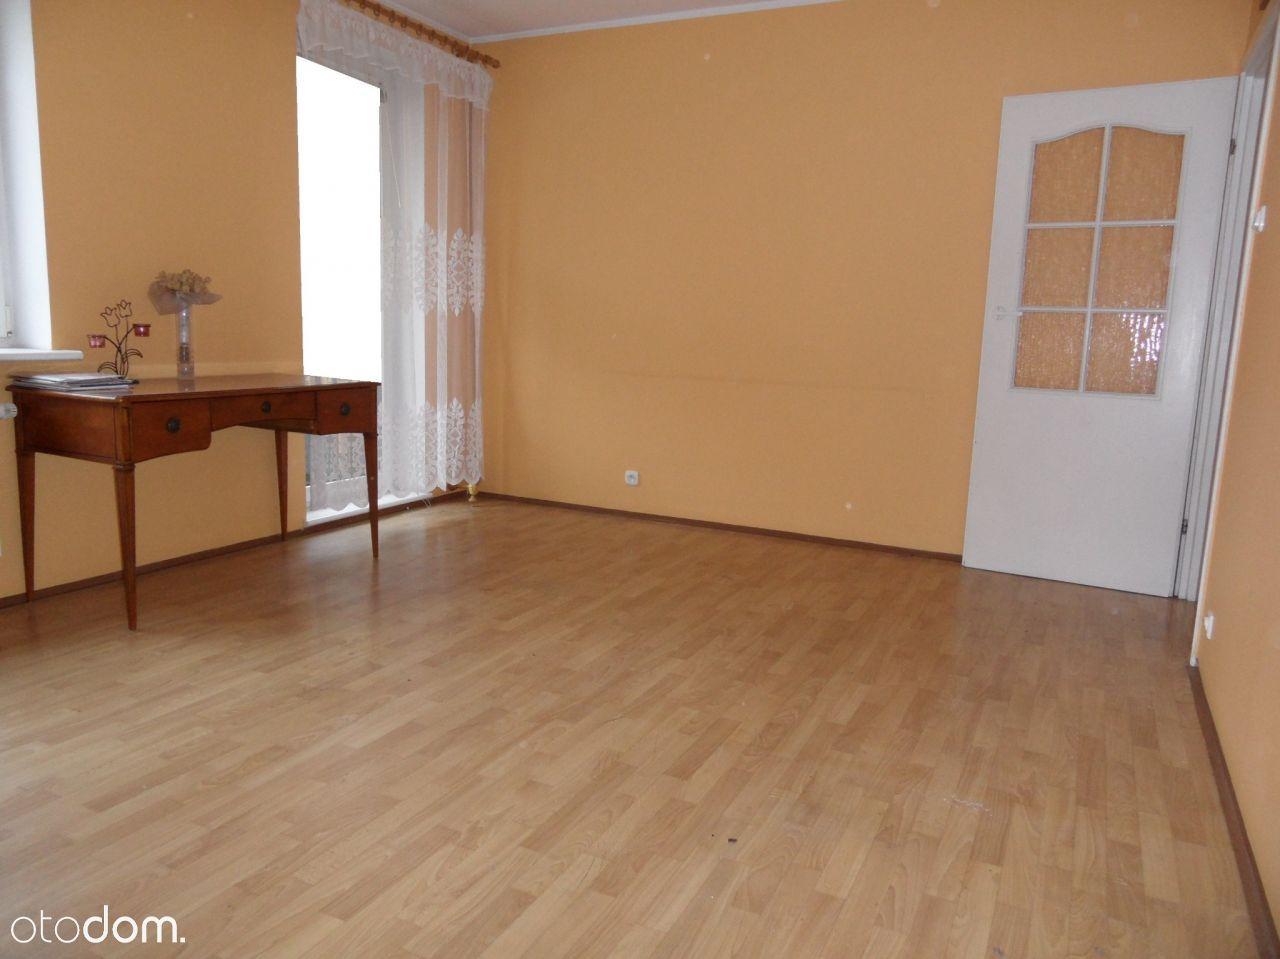 Mieszkanie na sprzedaż, Poznań, Malta - Foto 5